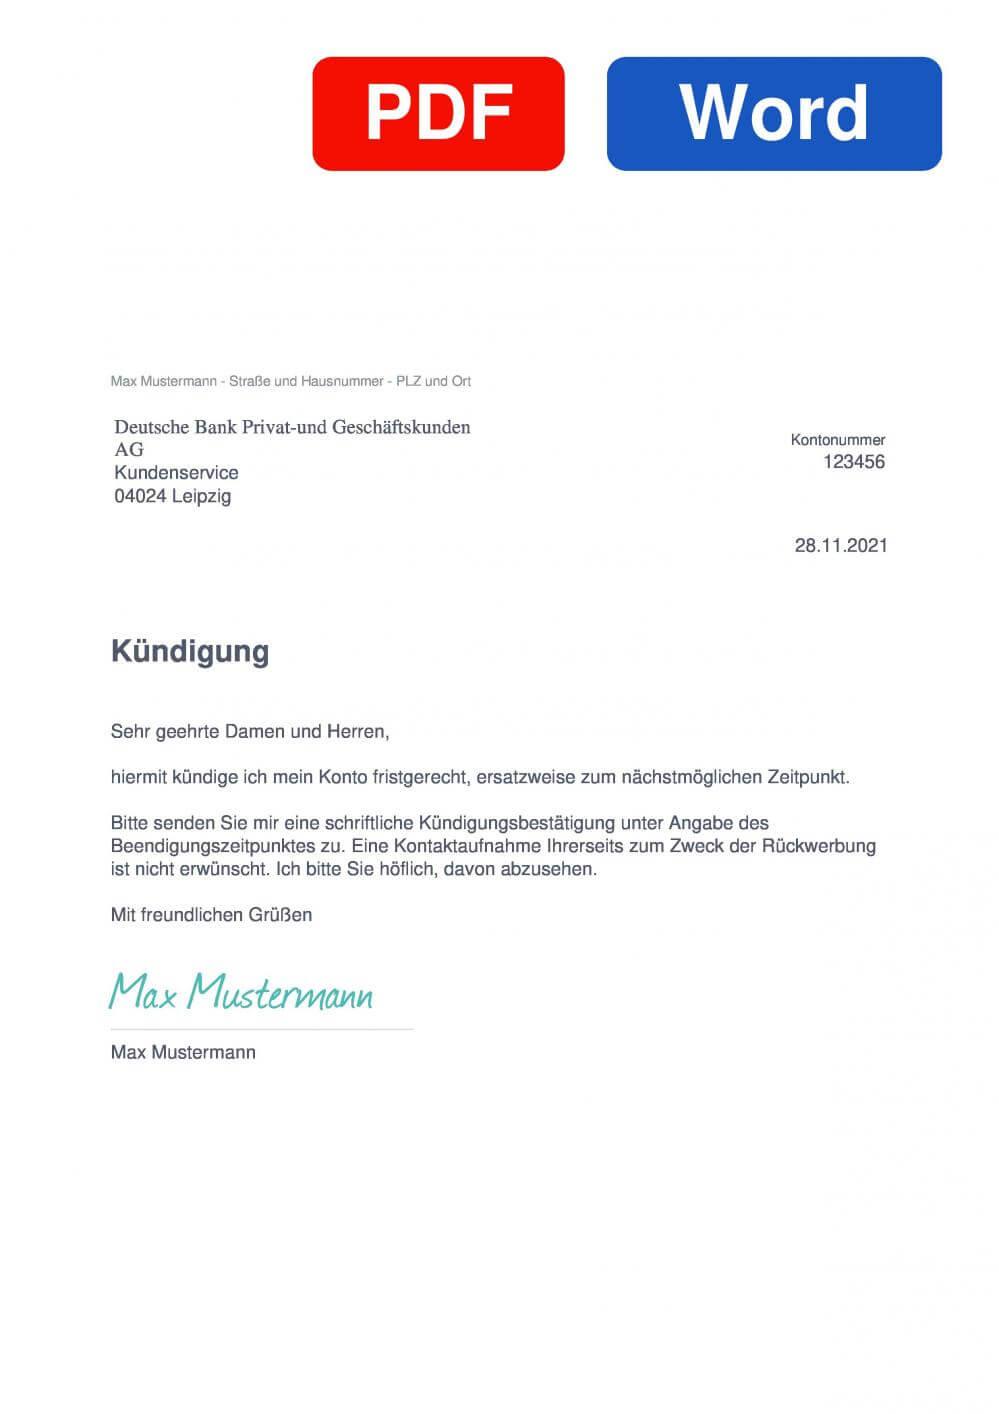 Deutsche Bank Festgeld Muster Vorlage für Kündigungsschreiben